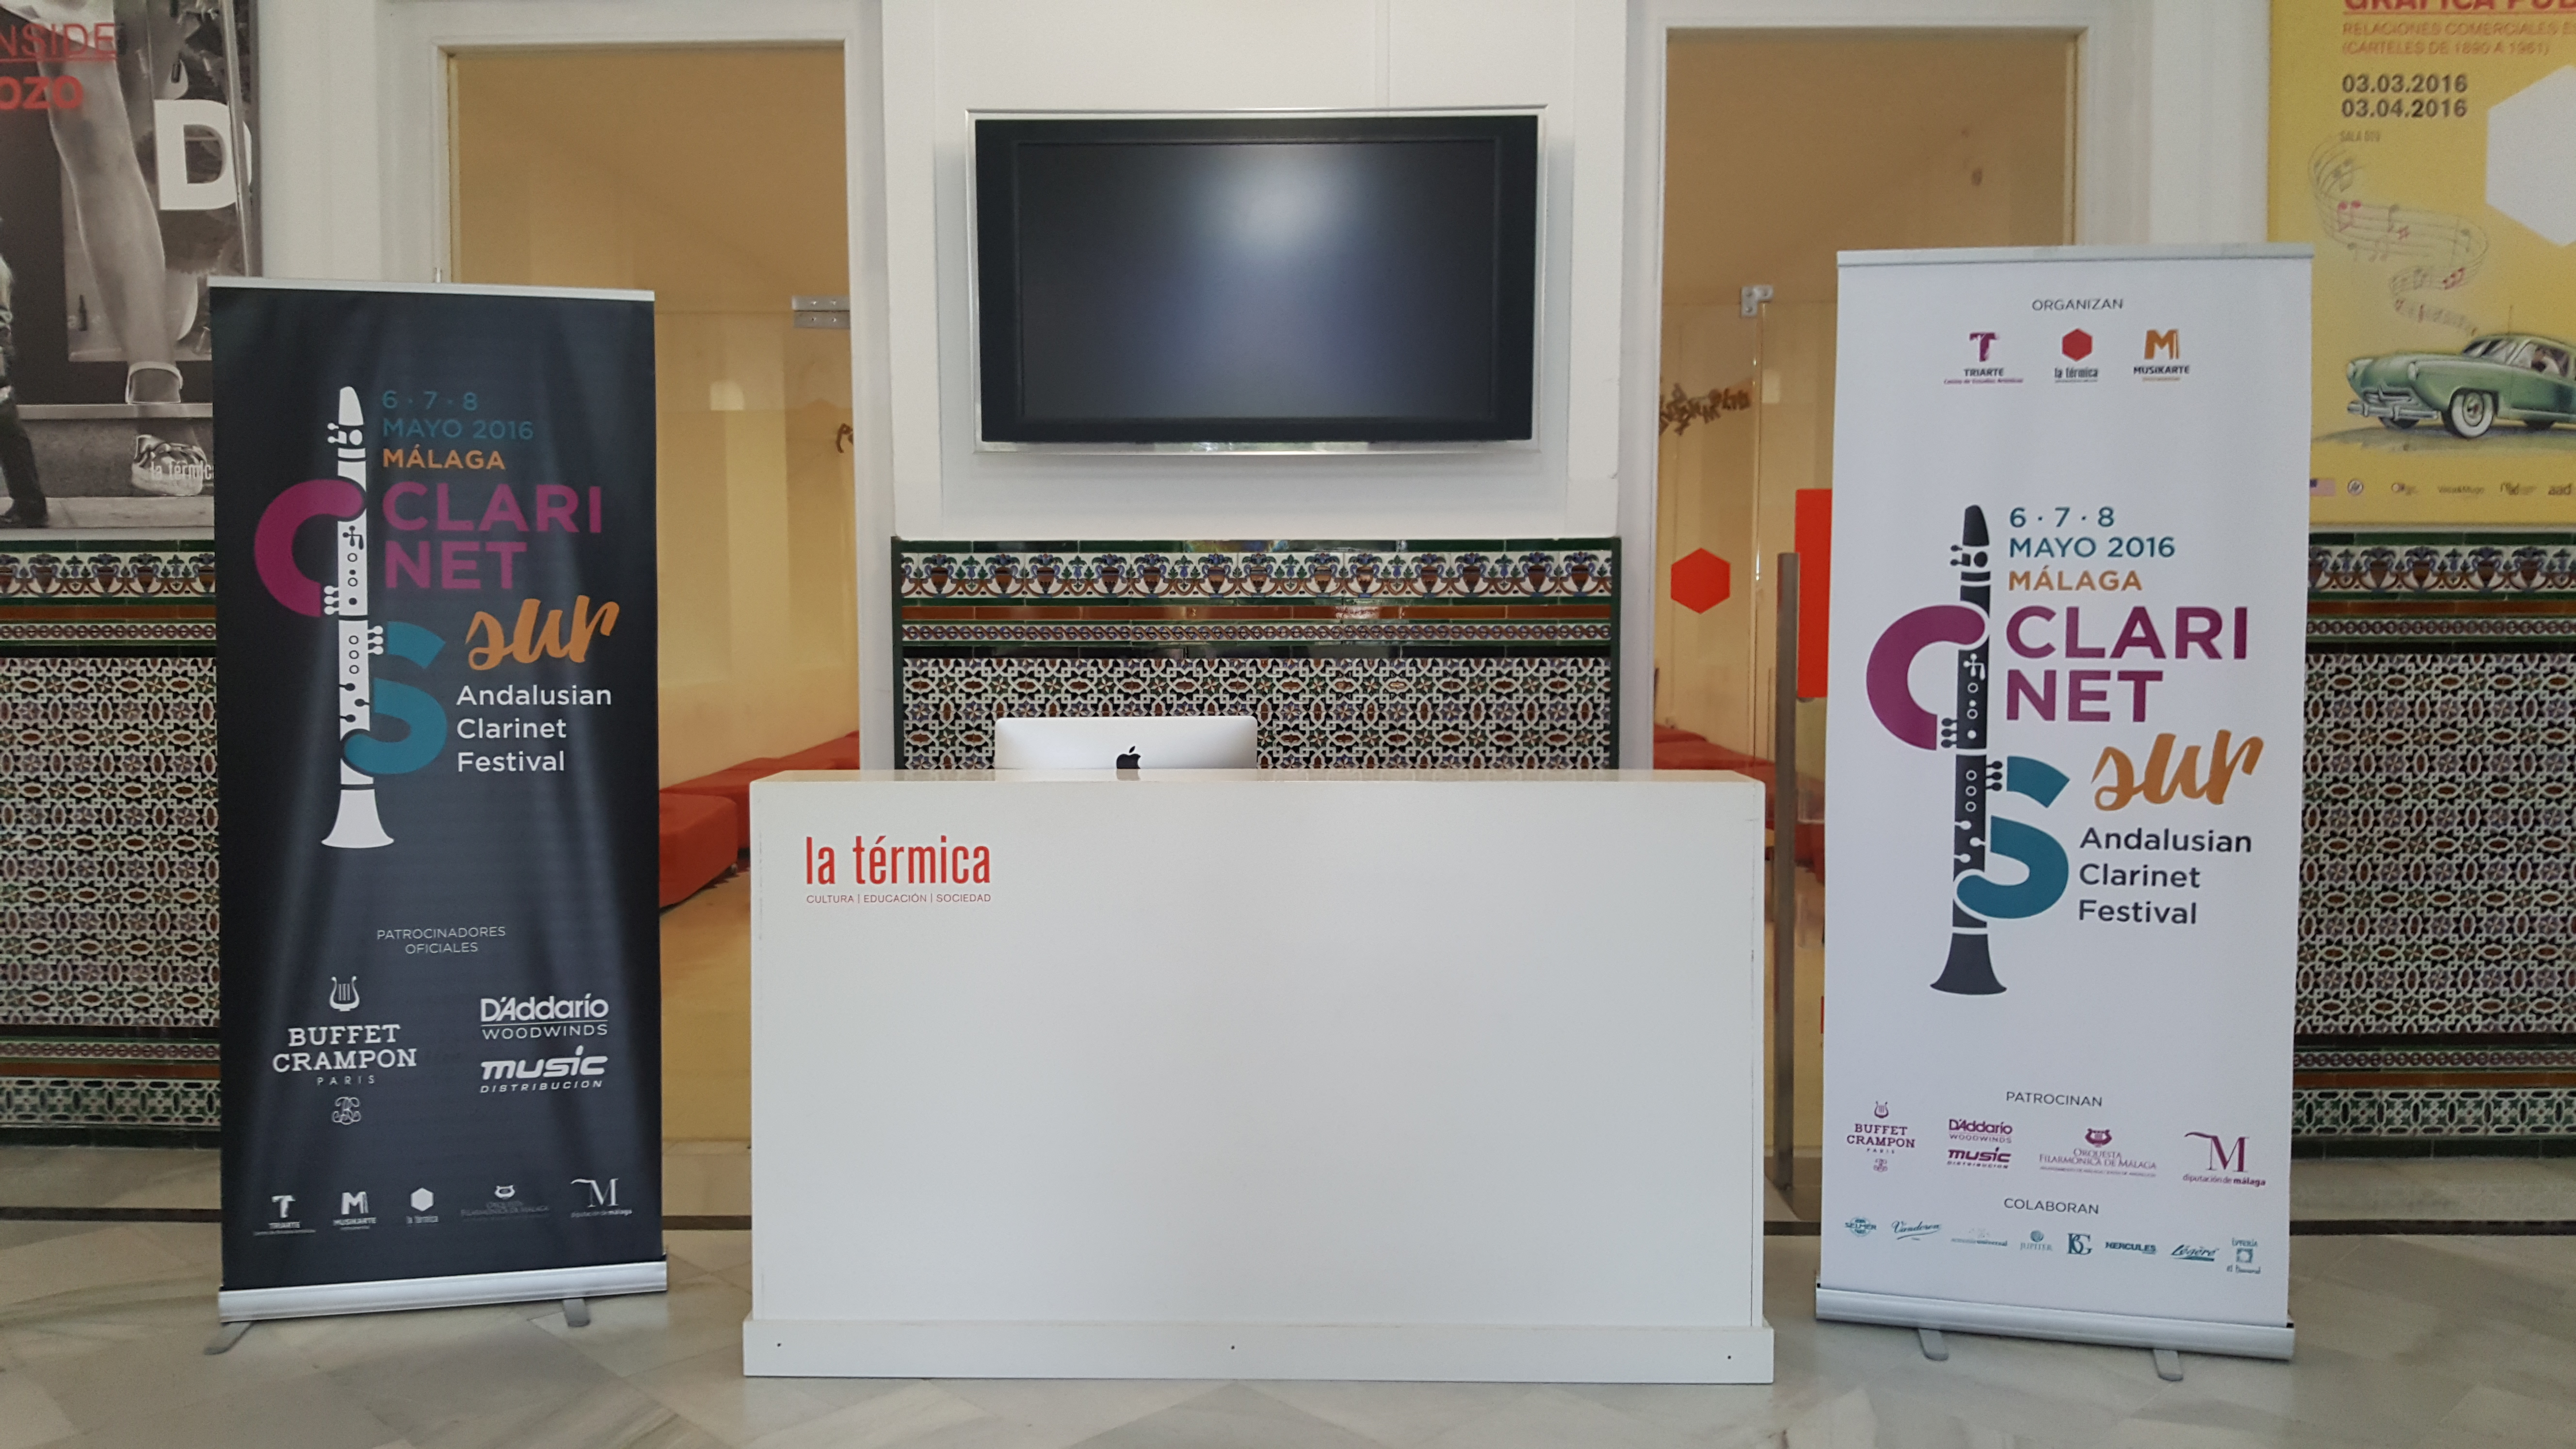 CLARINETsur Andalusian Clarinet Festival Málaga Mayo 2016